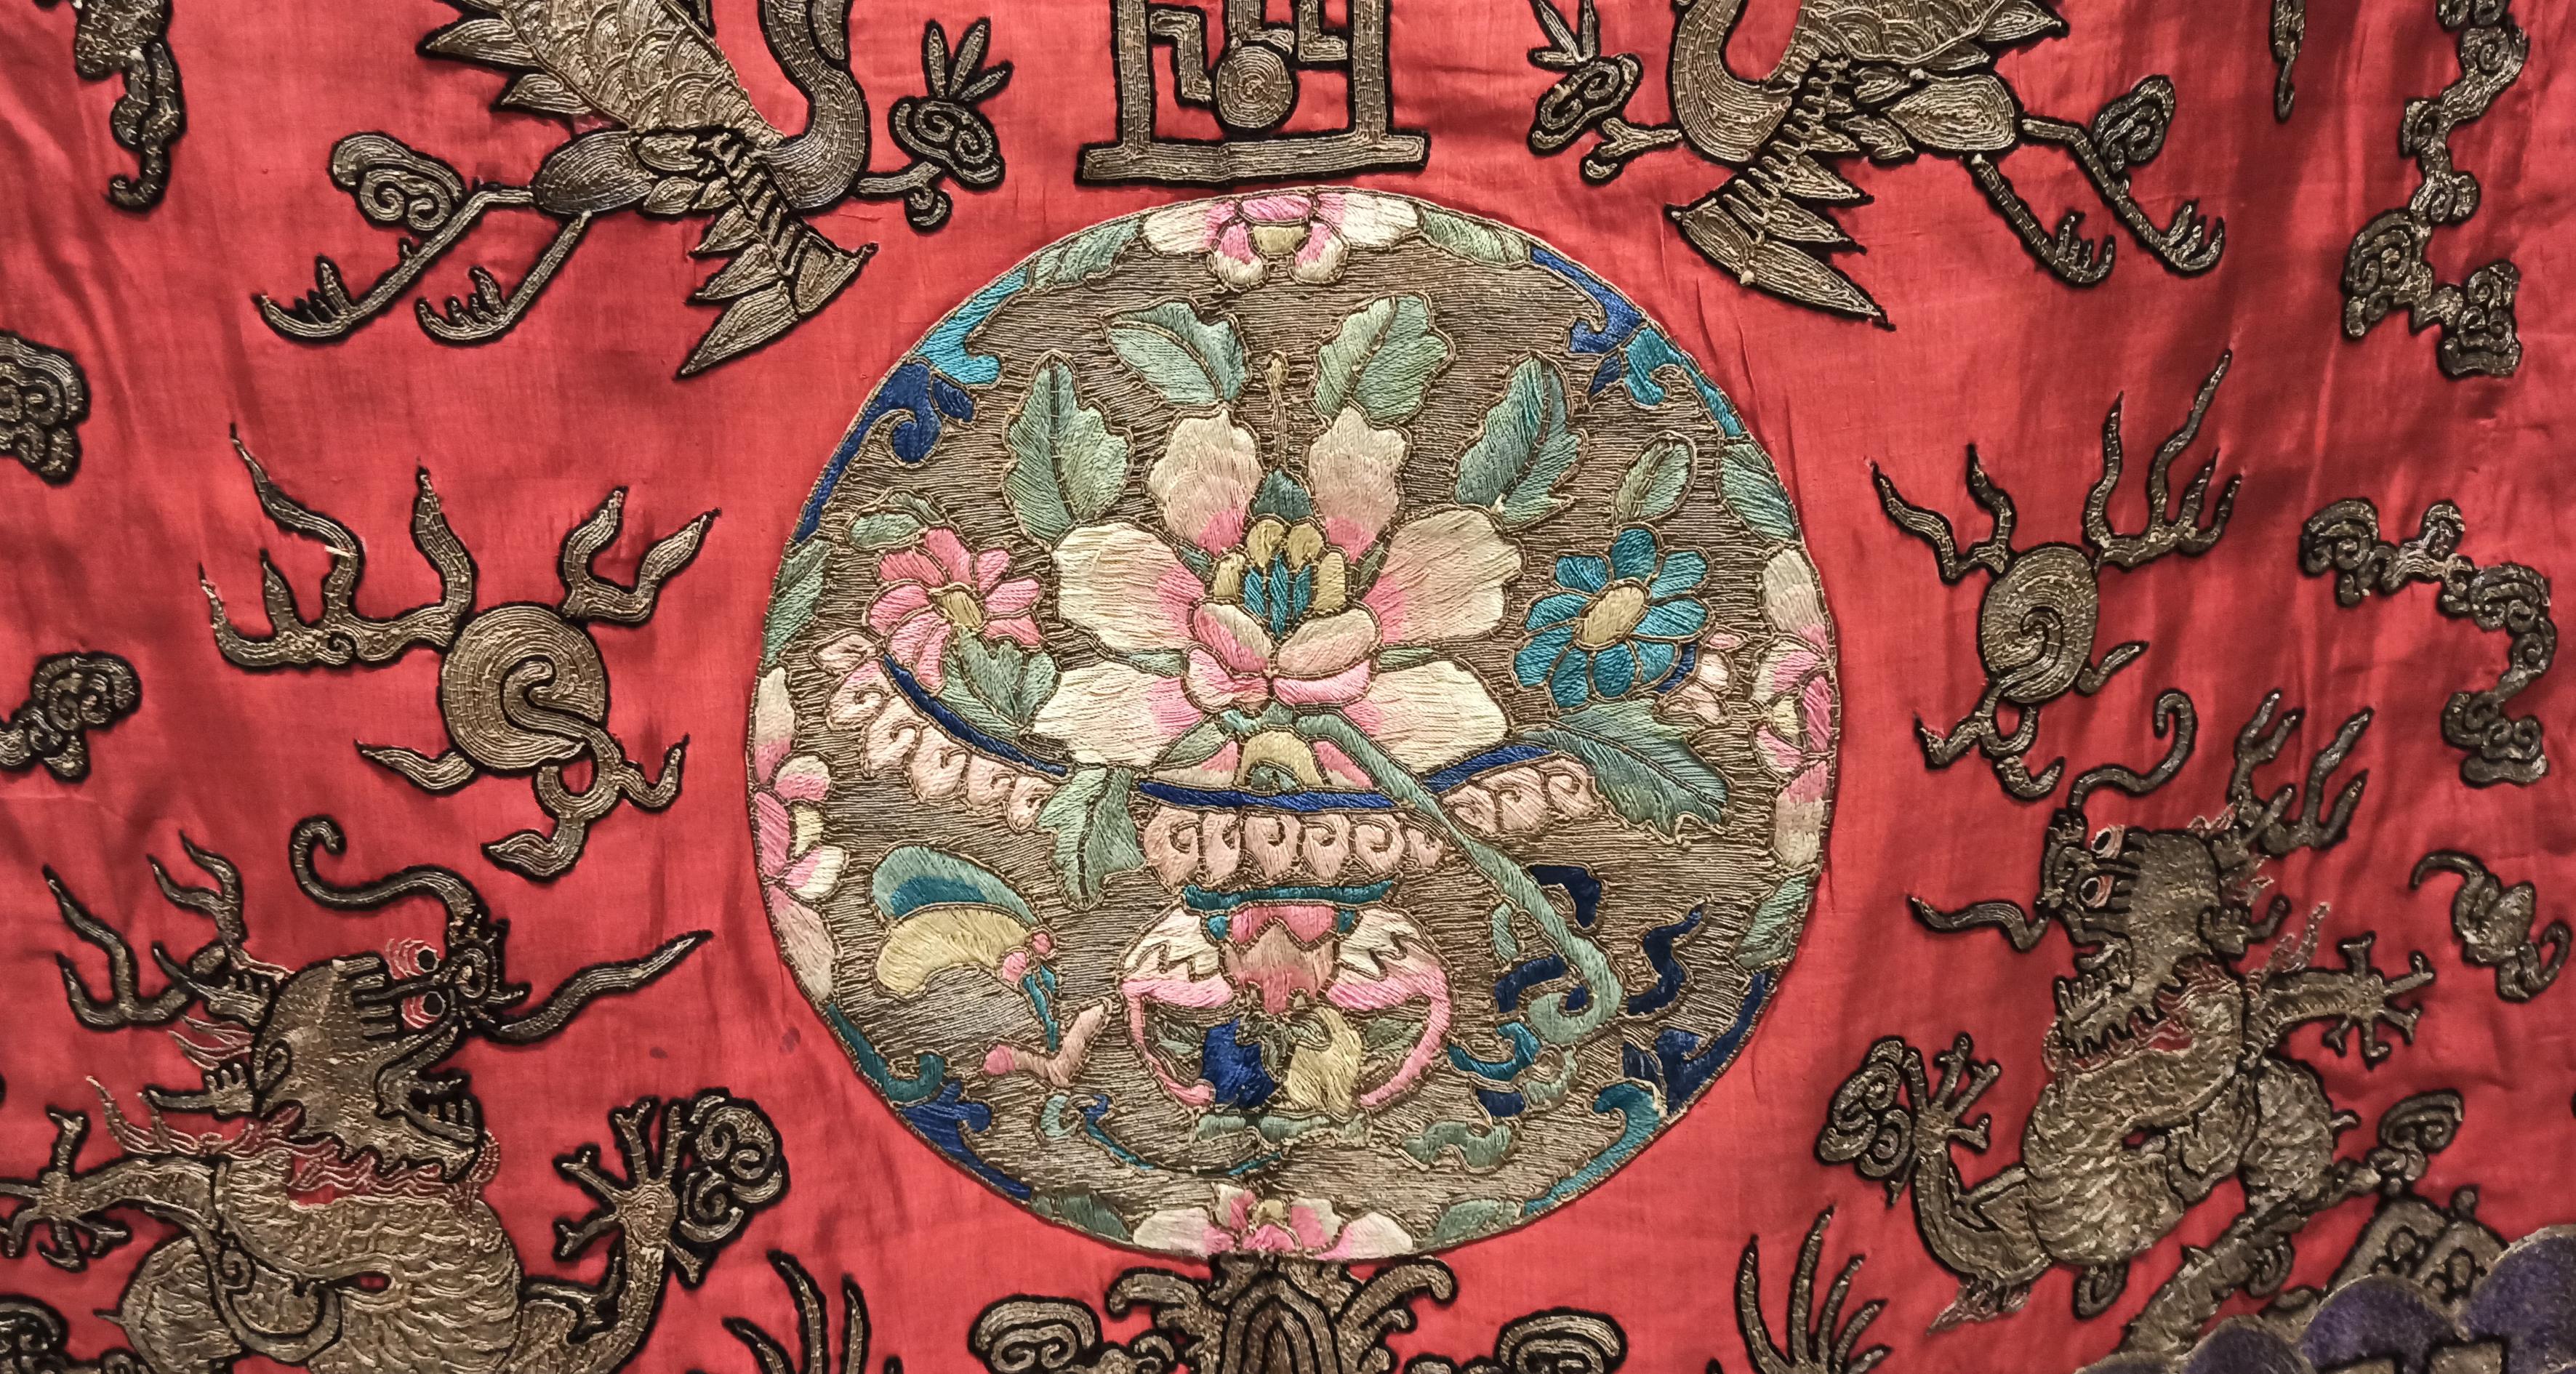 Tela di seta con ricami in filo d'oro e filati policromi realizzata in Cina con telaio manuale per abito liturgico taoista- Museo d'Arte Cinese ed Etnografico-Parma